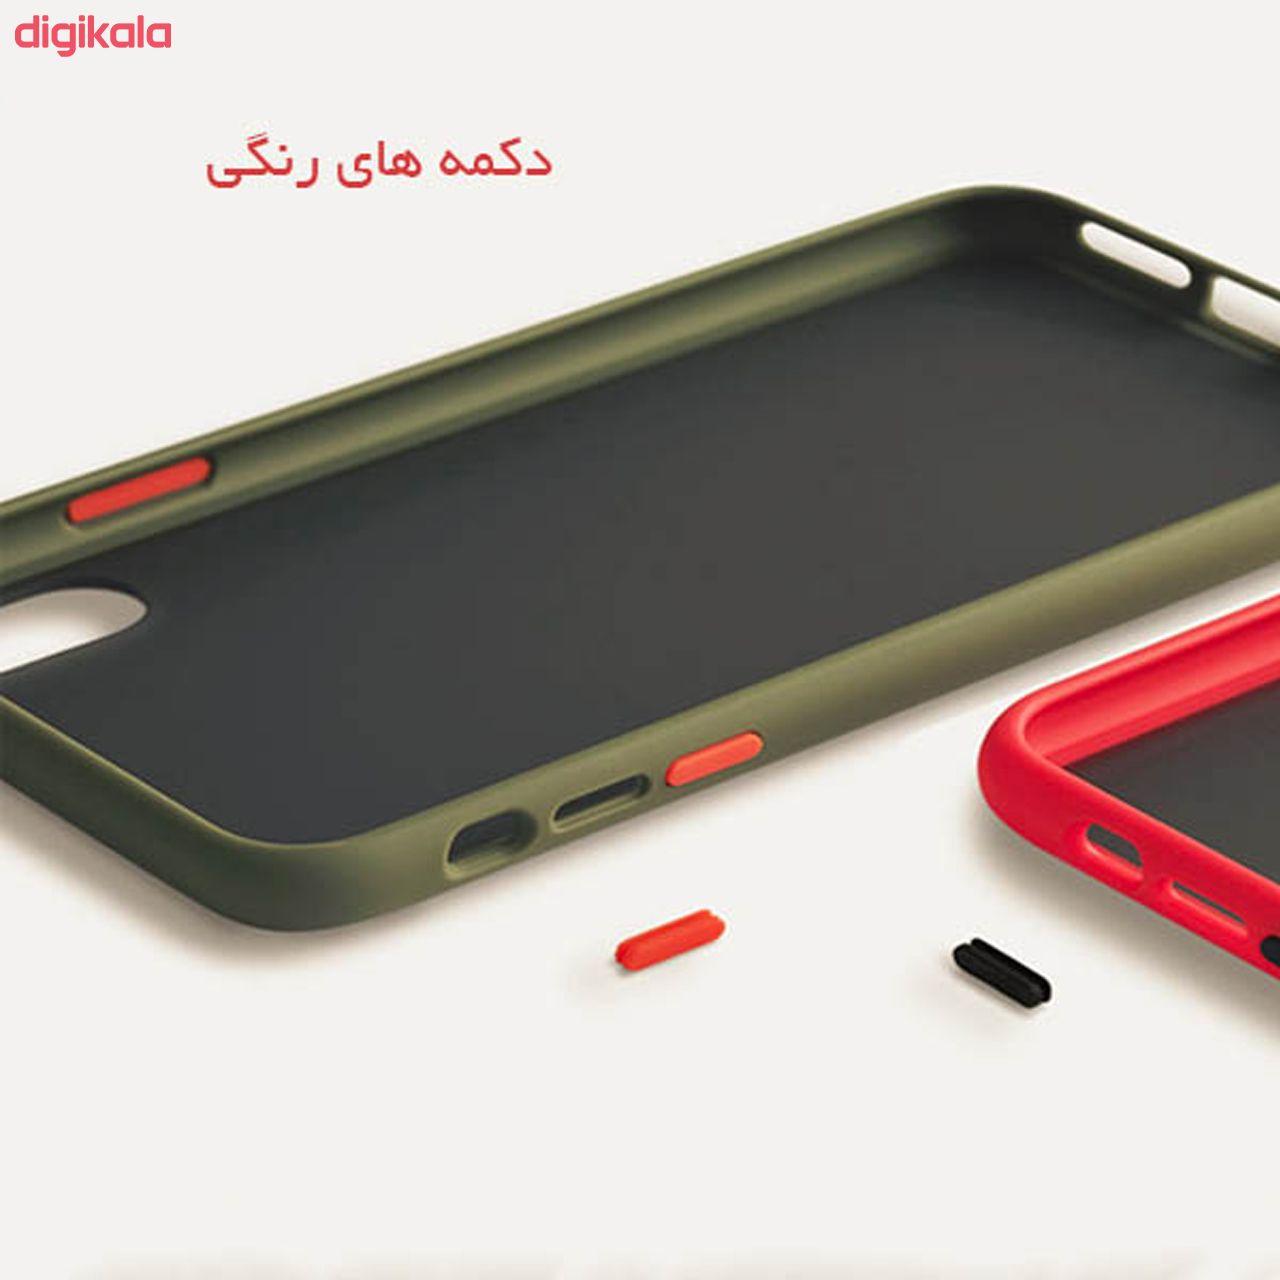 کاور کینگ پاور مدل M21 مناسب برای گوشی موبایل سامسونگ Galaxy A11 main 1 6